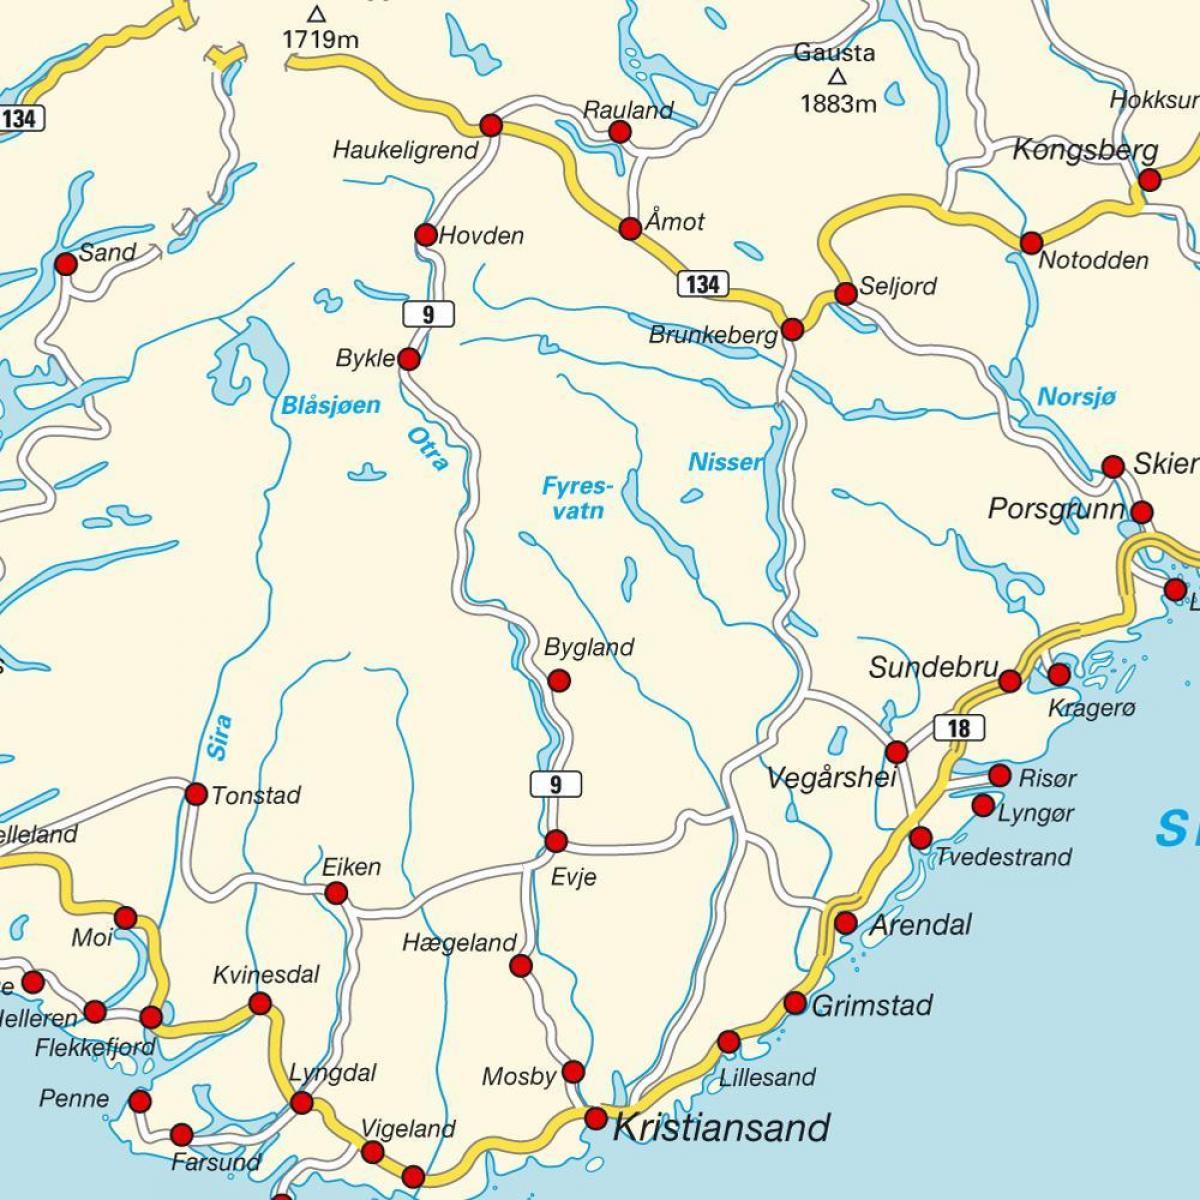 Syd Norge Kort Kort Over Det Sydlige Norge I Det Nordlige Europa